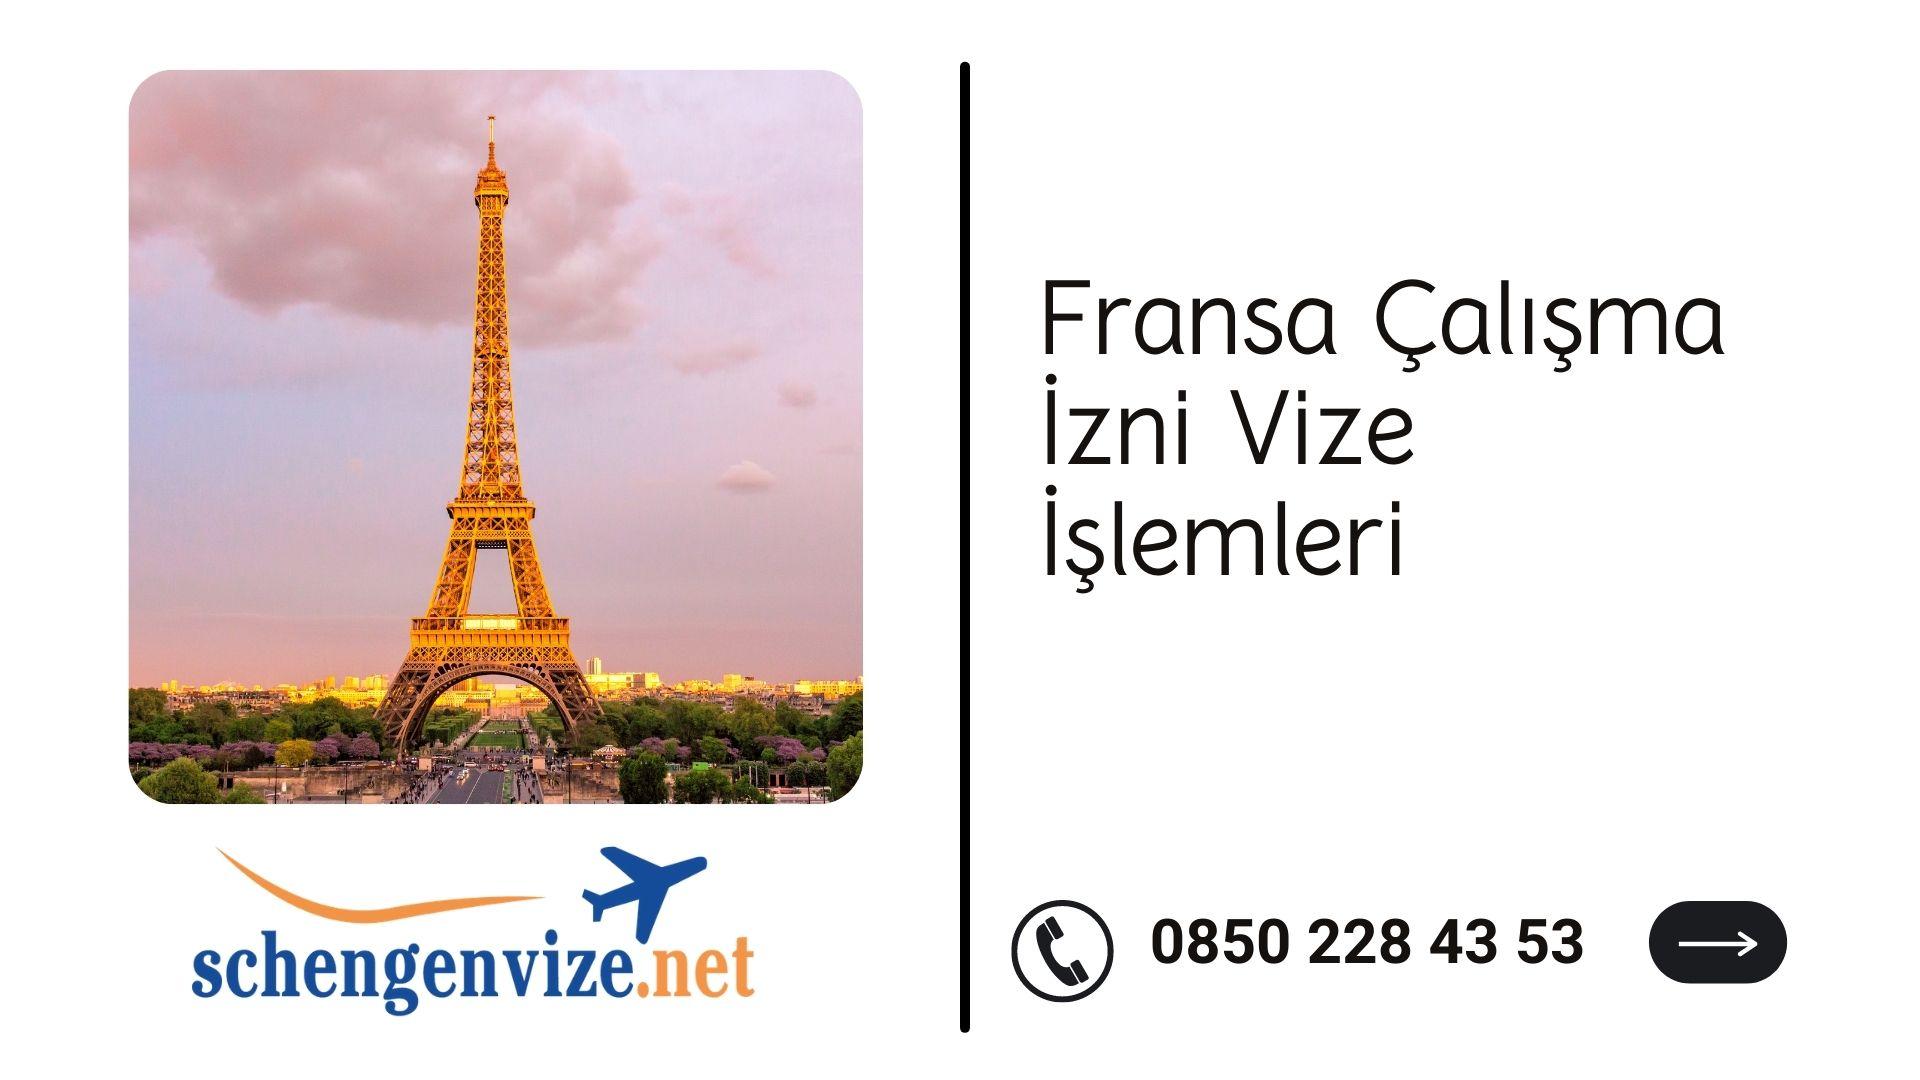 Fransa Çalışma İzni Vize İşlemleri